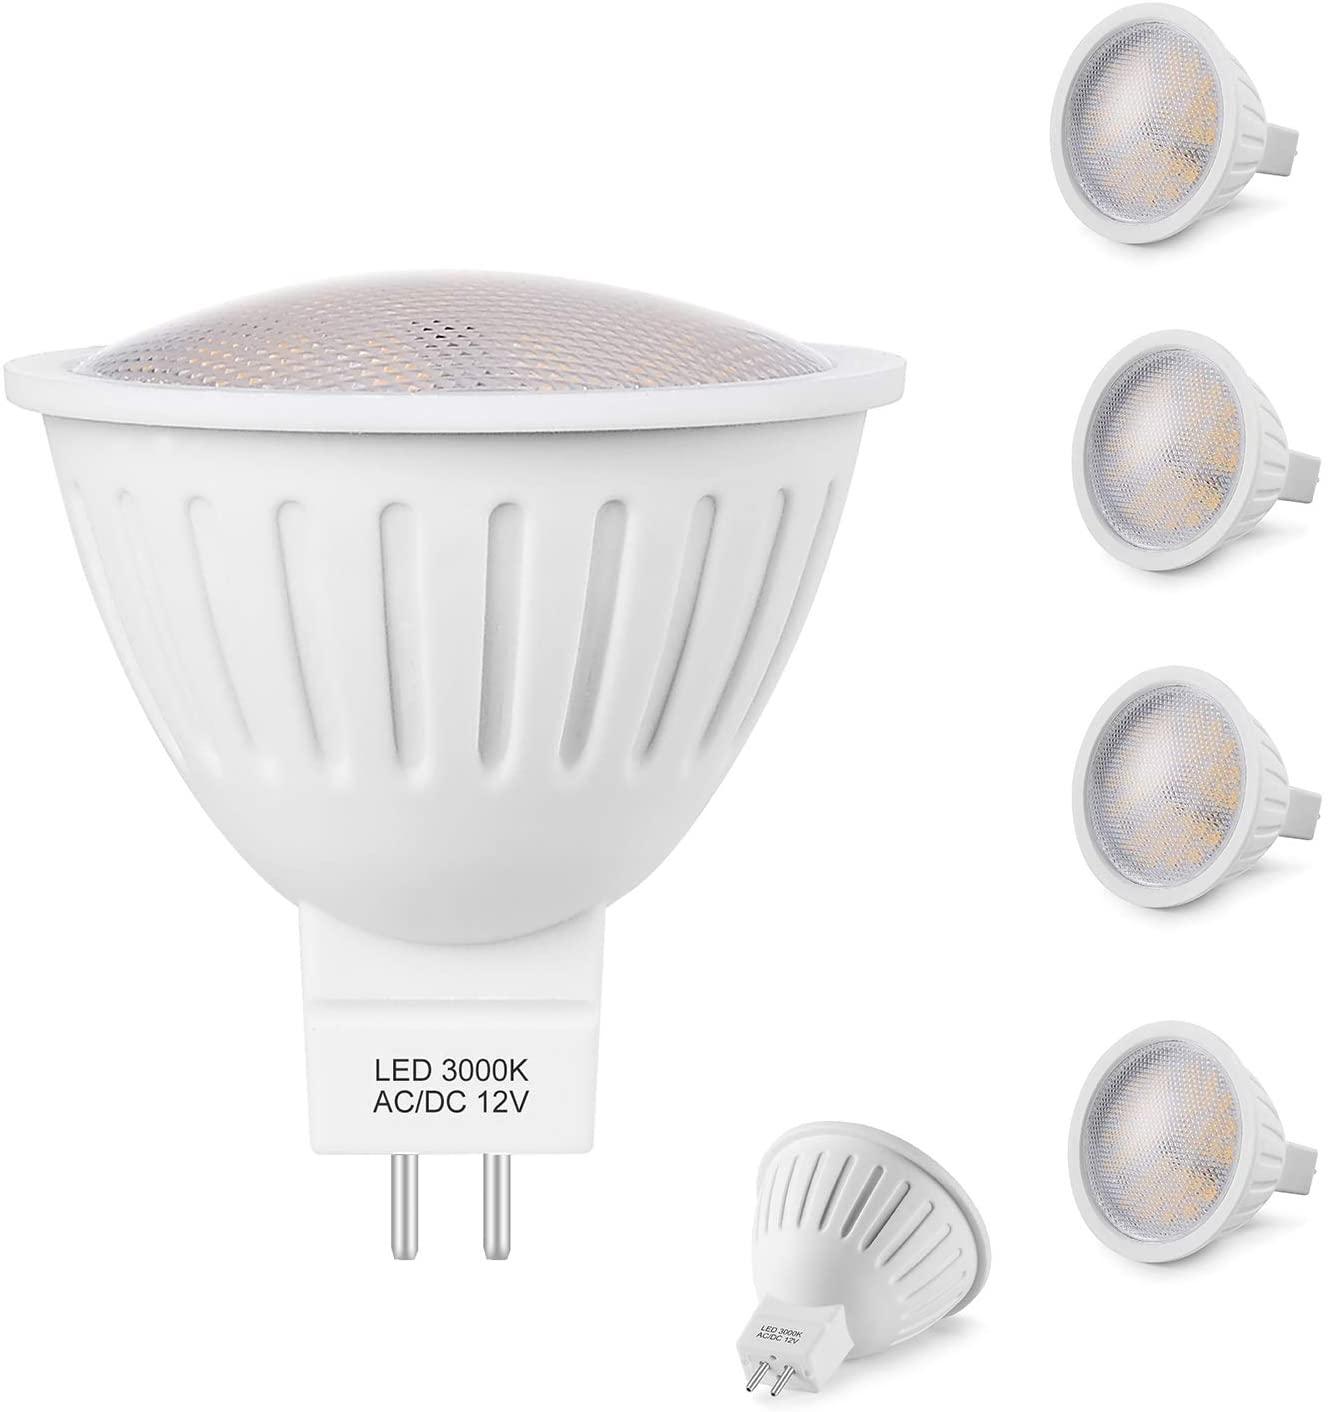 MR16 GU5.3 LED Bulbs, 12V LED Light Bulb, GU5.3 Bi-Pin Base, 3W(35watt halogen bulb Equivalent), 3000K Soft White, 120Degree, Non Dimmable ceiling spotlight,Track Lighting, 6 Pack